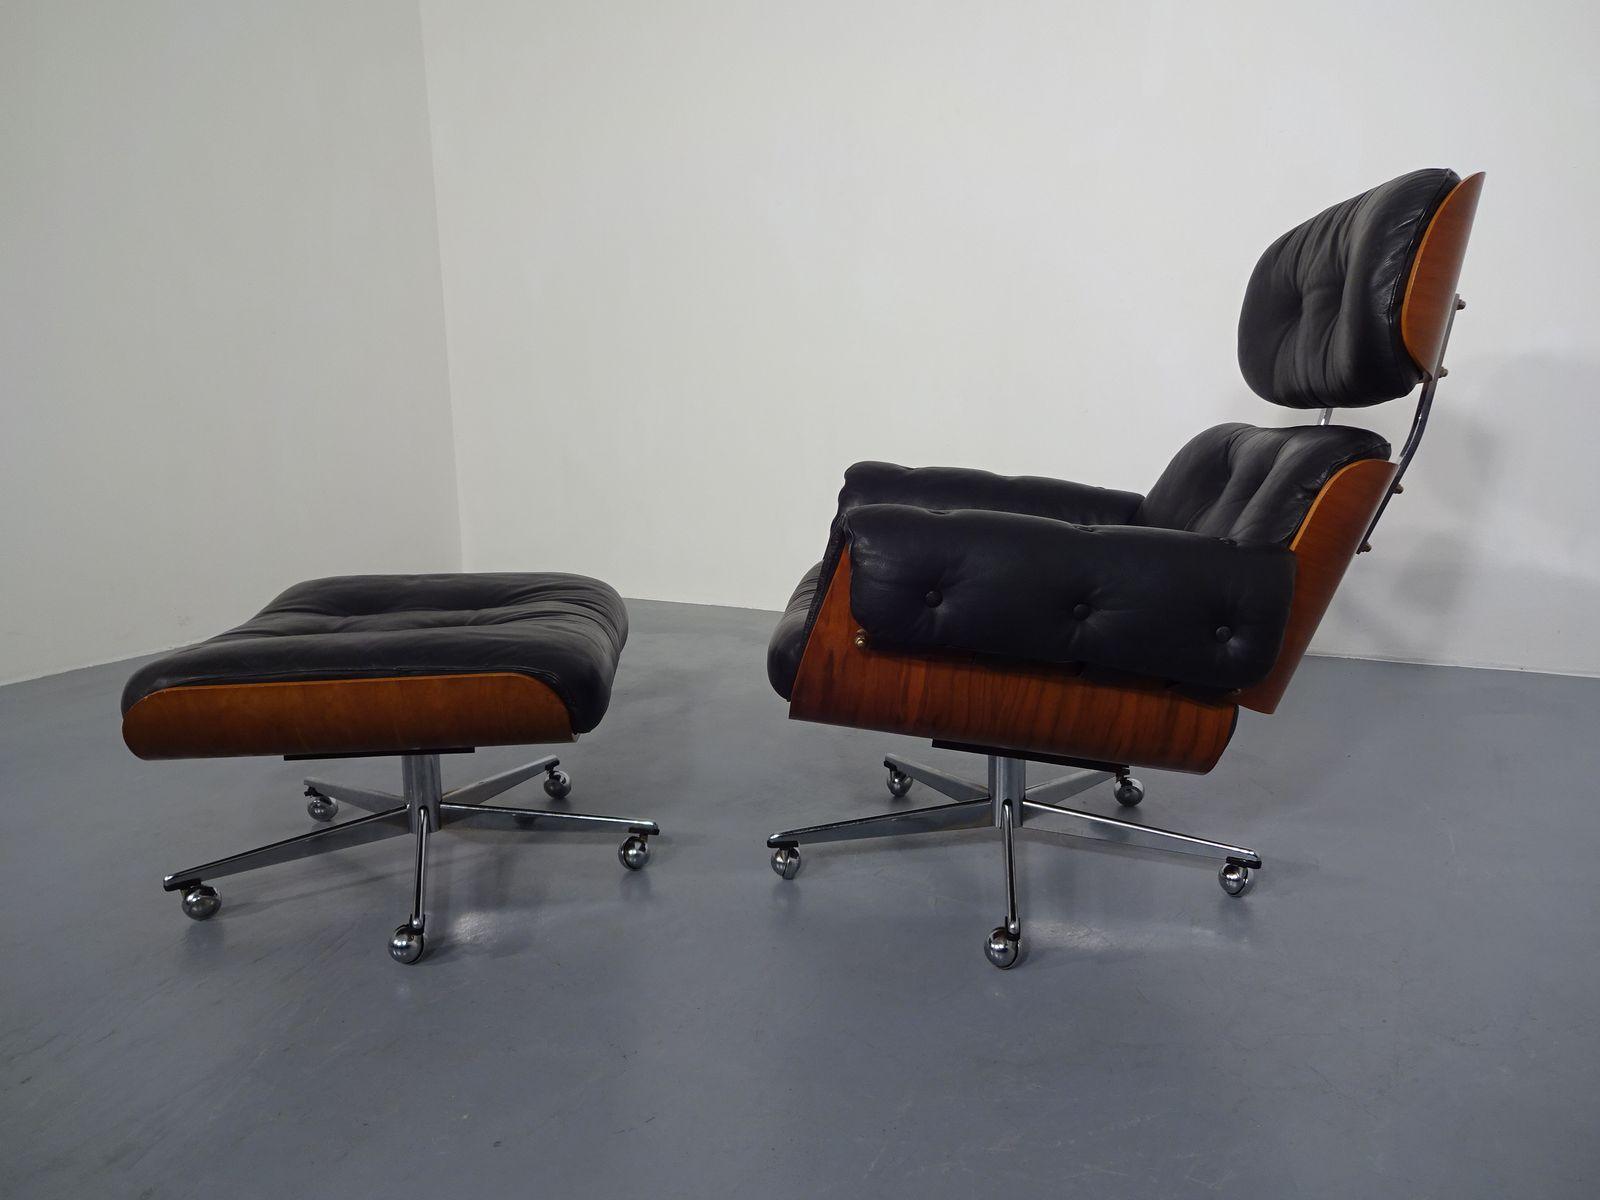 schweizer lederstuhl fu hocker set aus palisander von martin stoll f cafe konrad vib. Black Bedroom Furniture Sets. Home Design Ideas